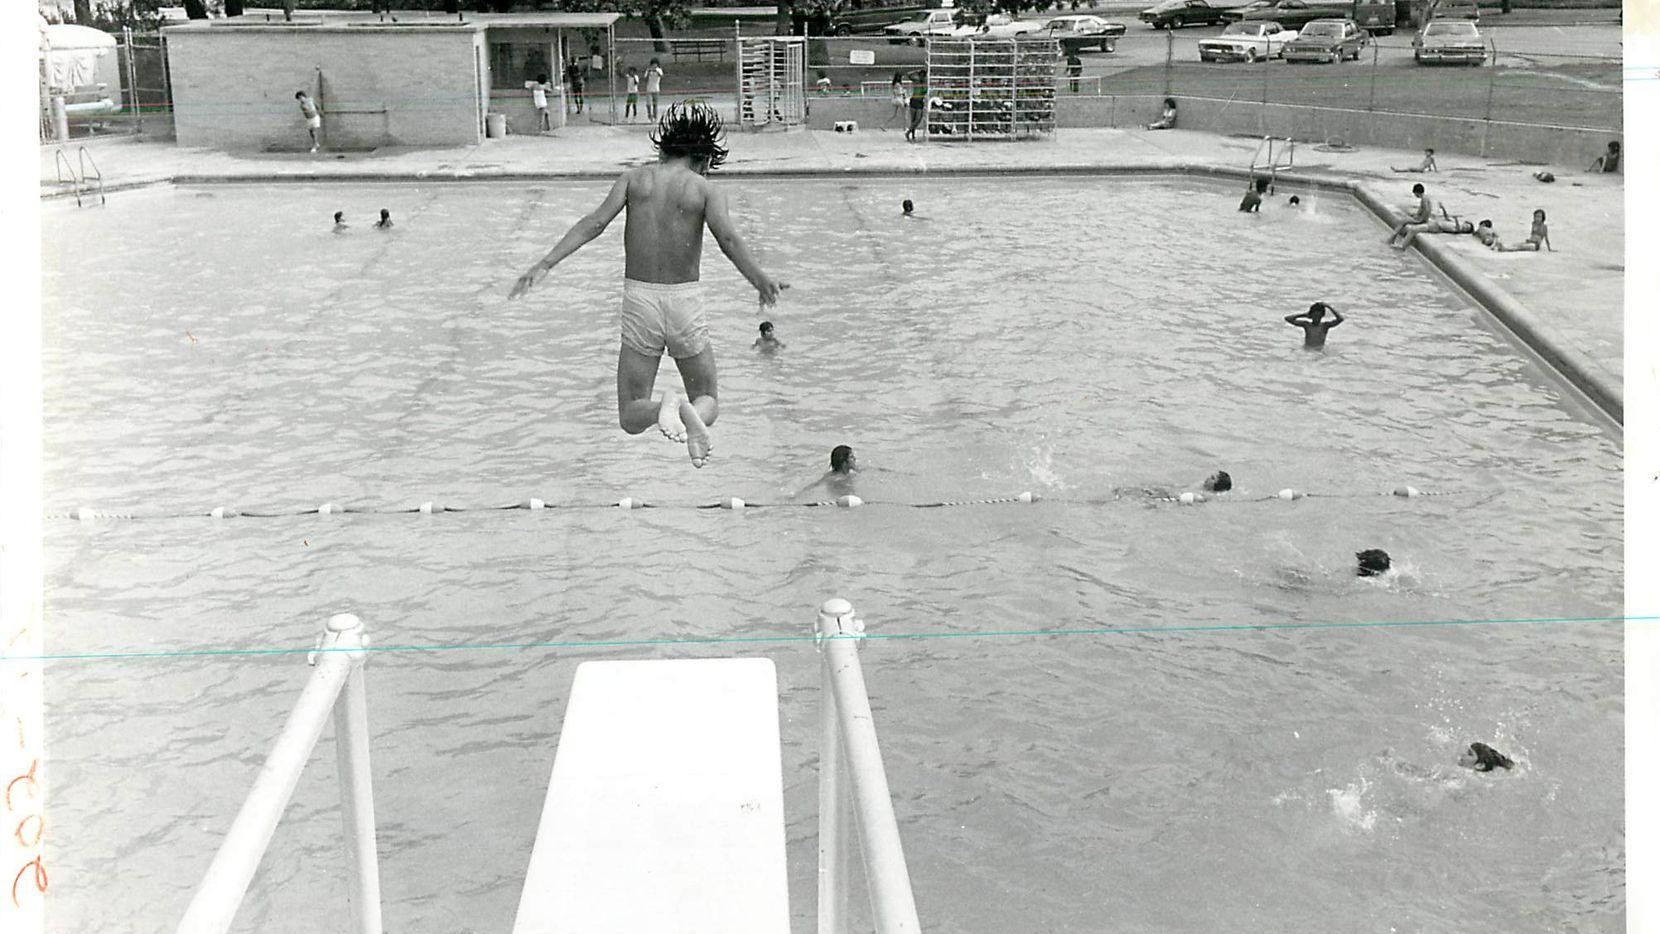 May 20, 1979, at Kidd Springs Park.